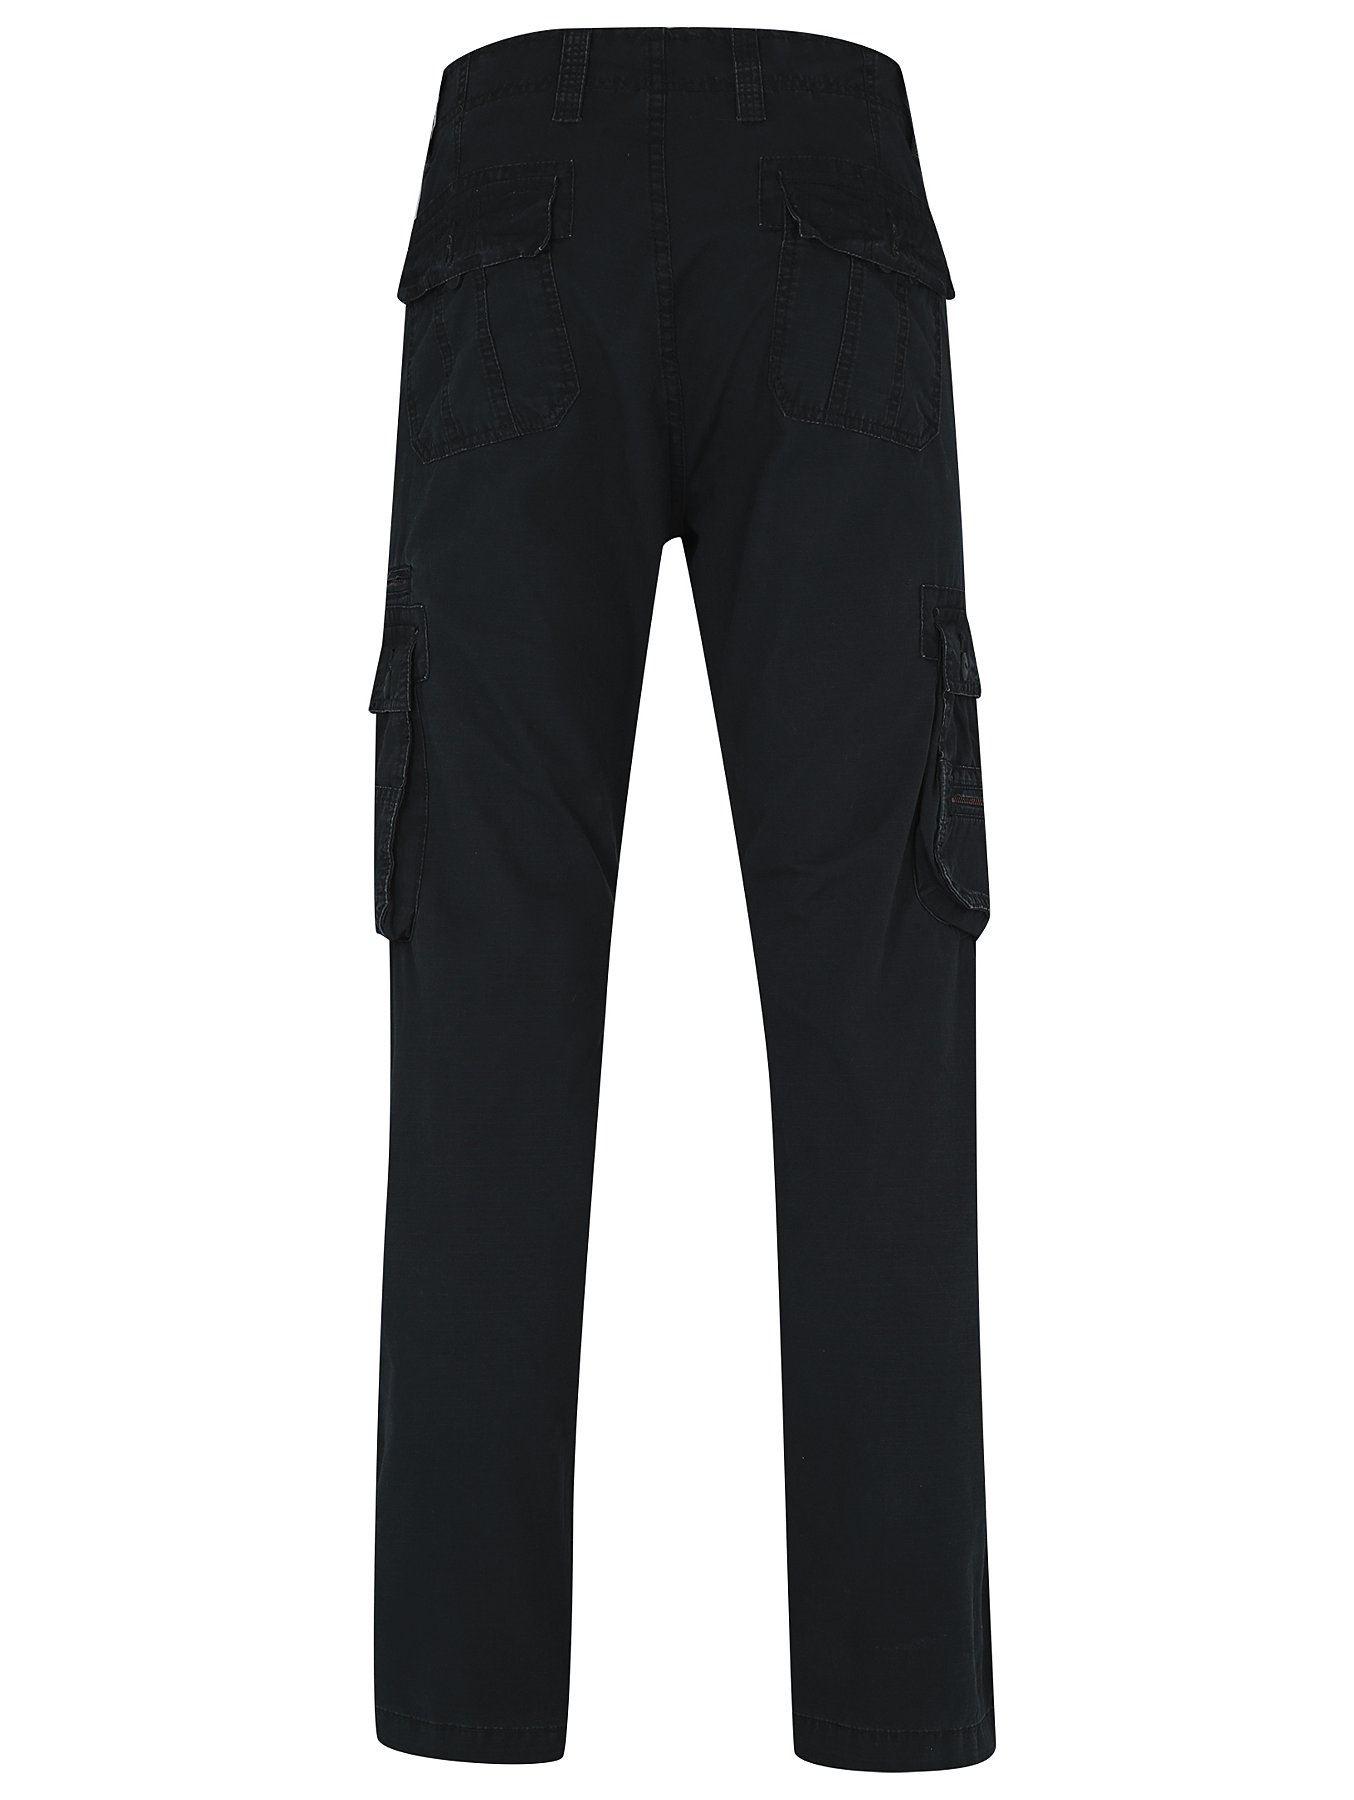 Men-s-Cargo-Combat-Work-Heavy-Trousers-100-Cotton-Plain-Pants-Ex-Store thumbnail 3